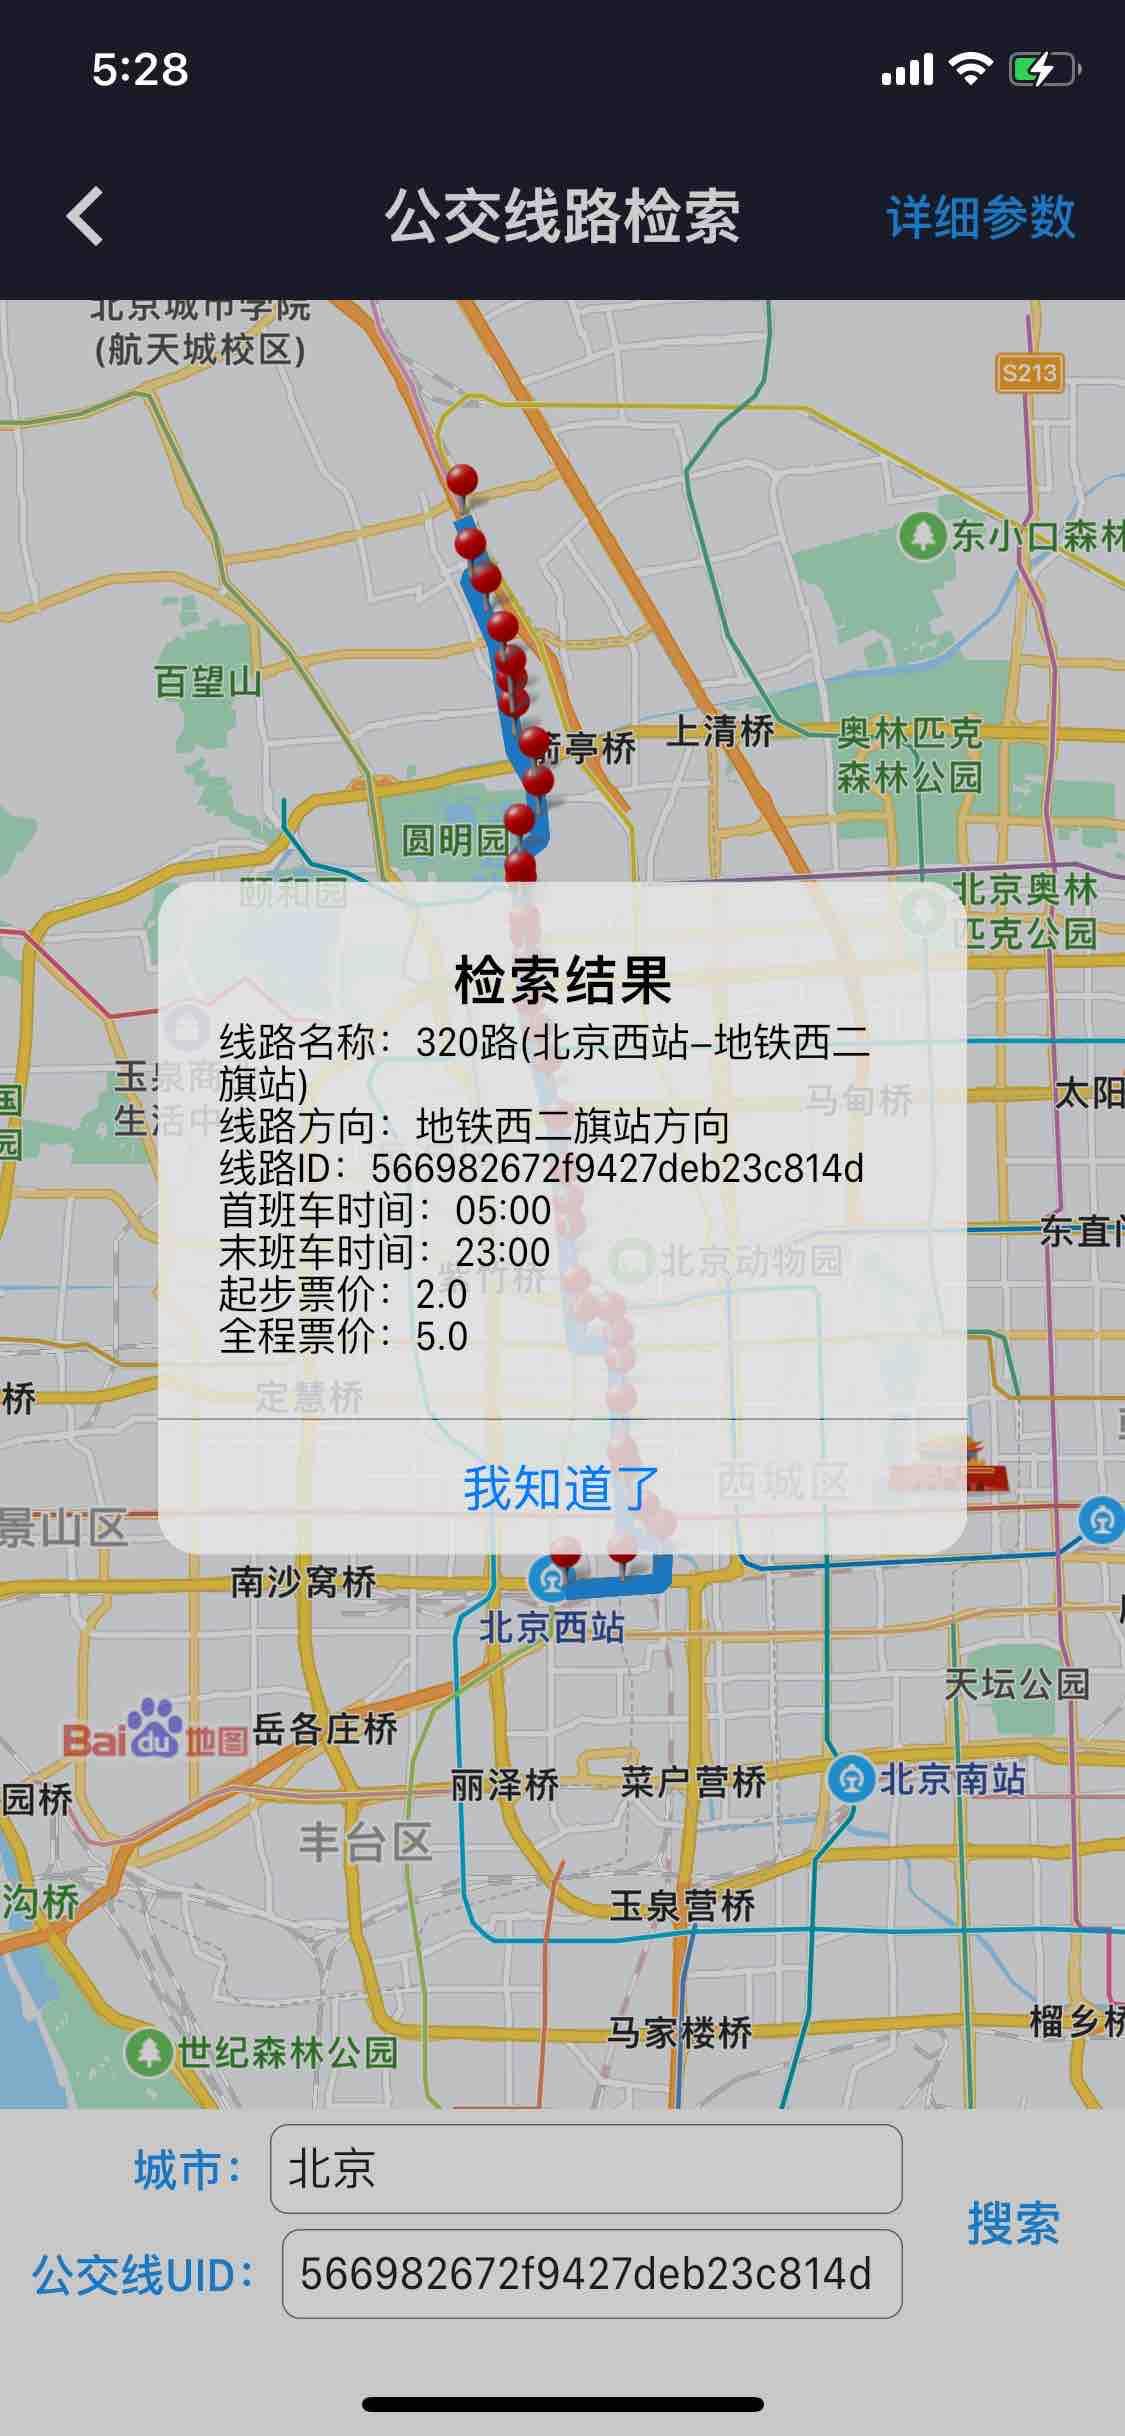 gongjiaoxiangqingjiansuo.png